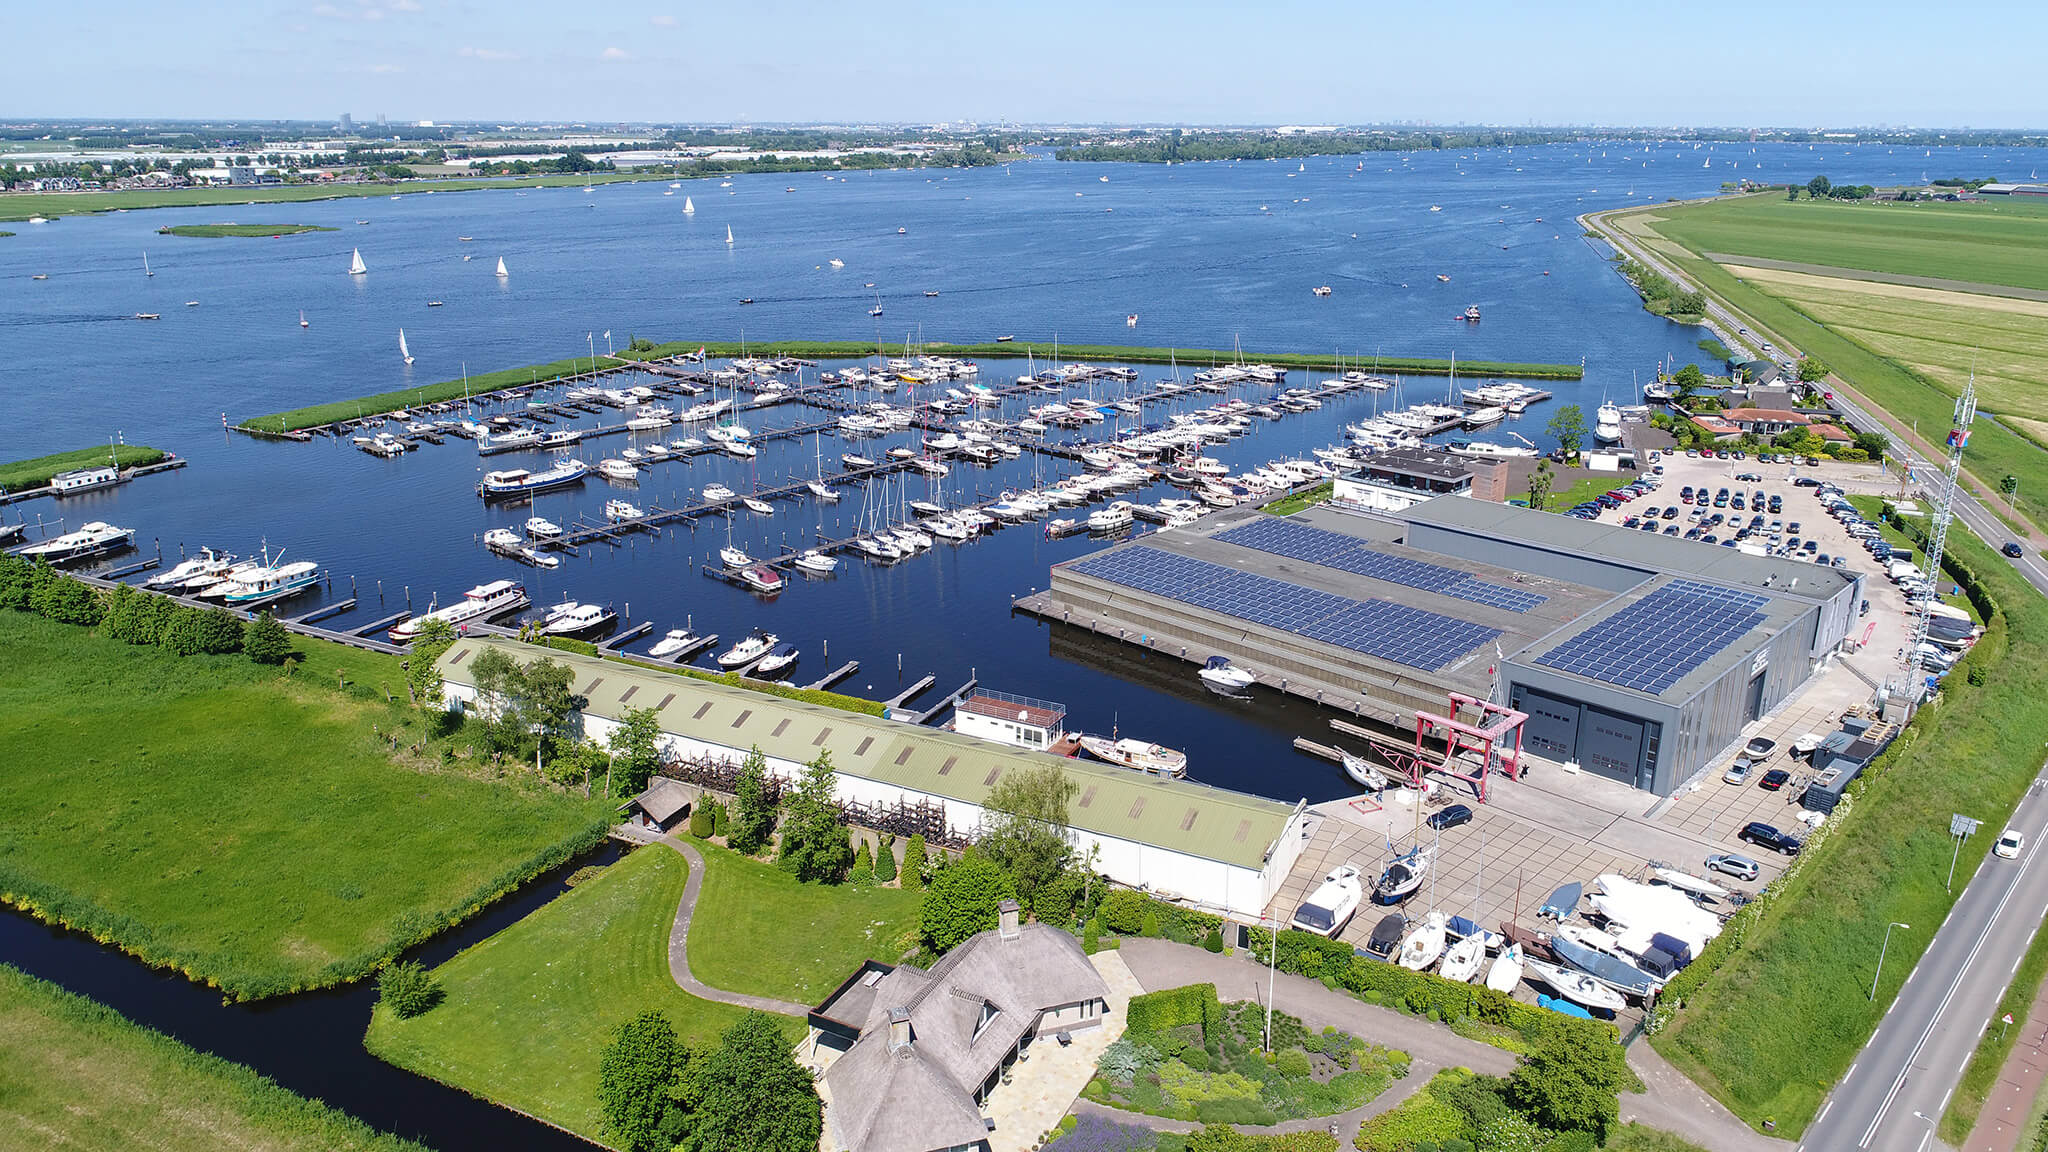 Aquacabin Kempers Watersport Aalsmeer - sleeping on the water